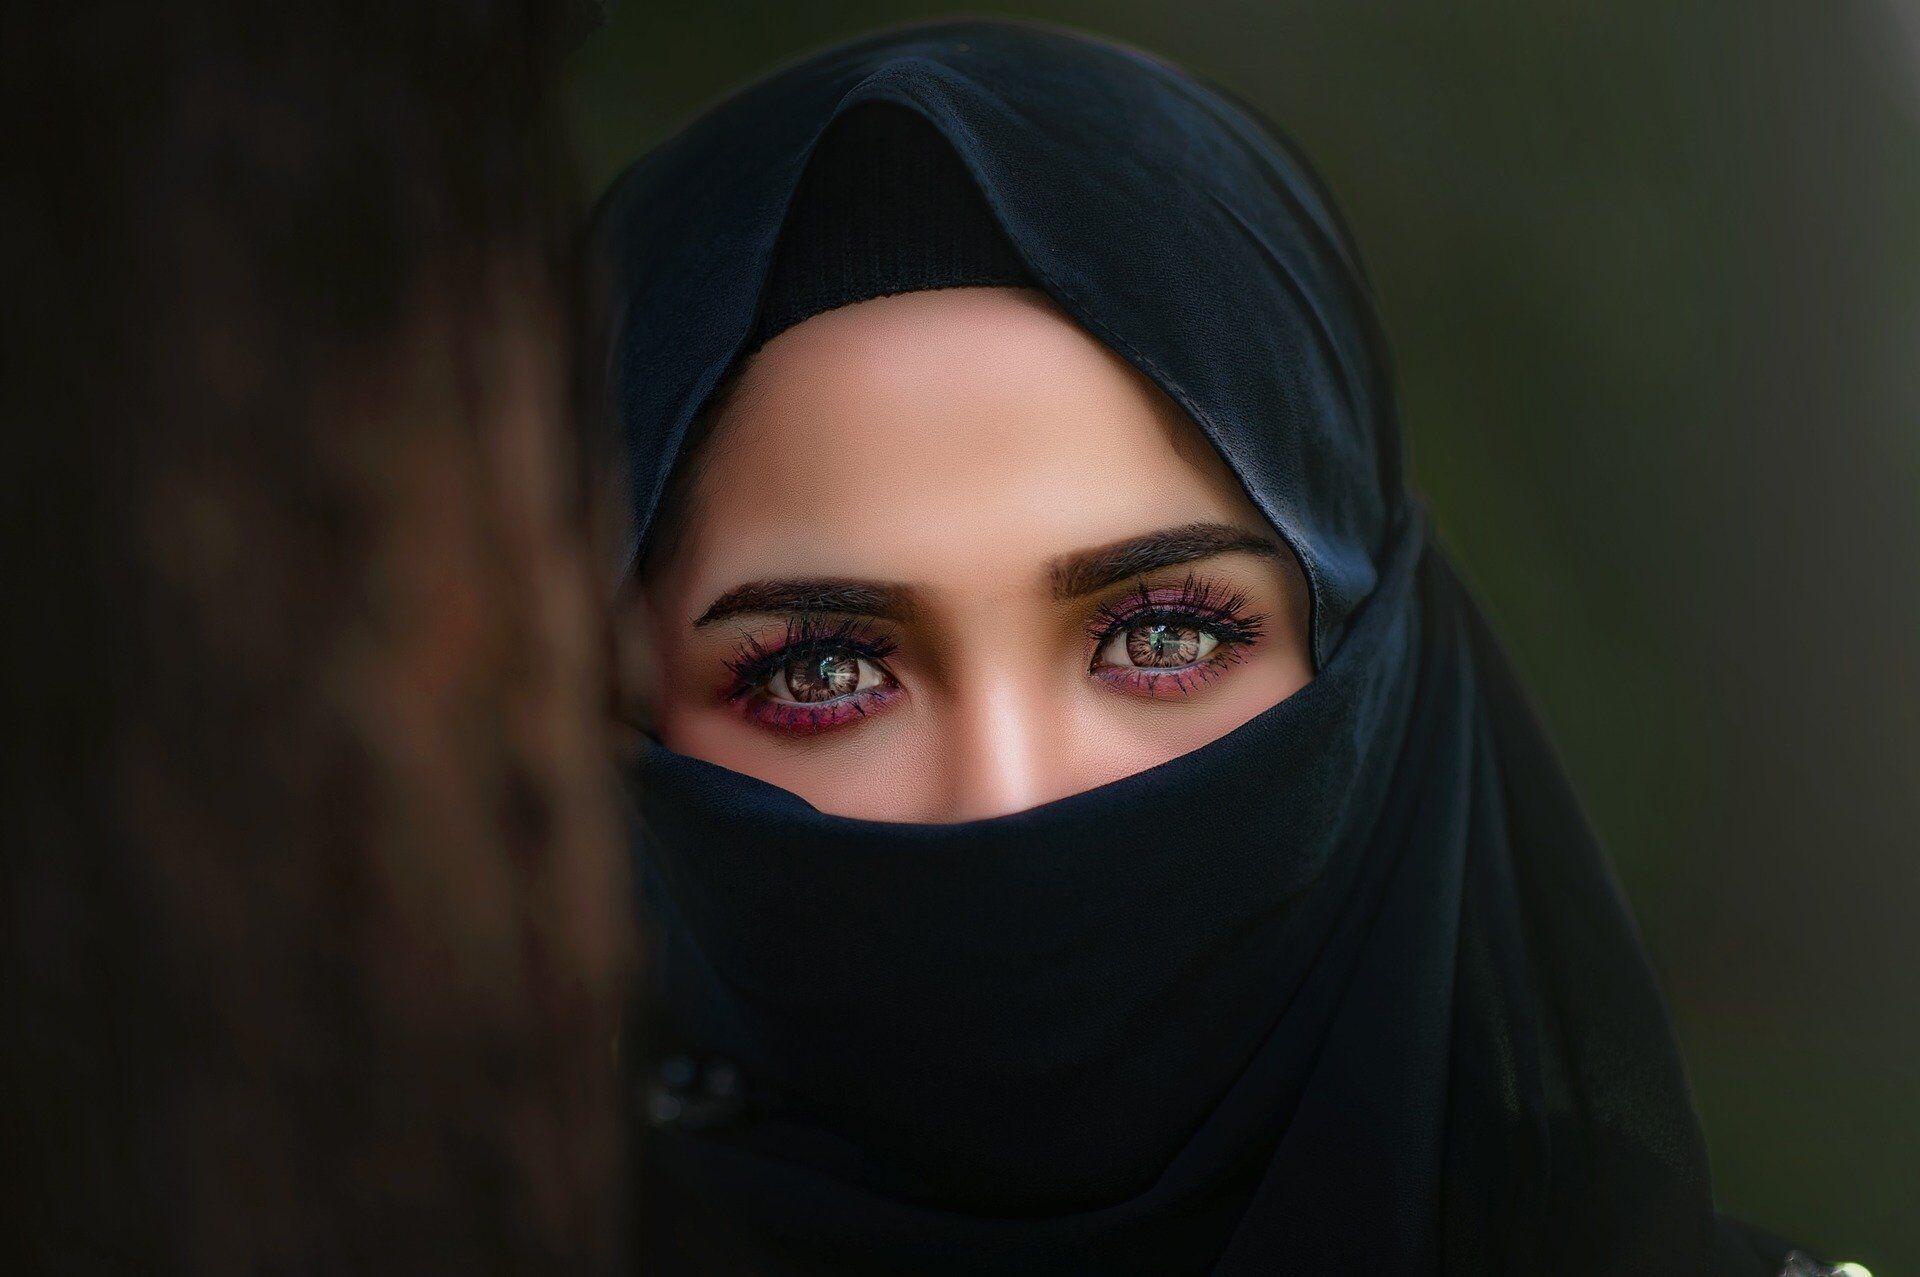 После прикосновения к руке женщины, арабскому мужчине придется помыться